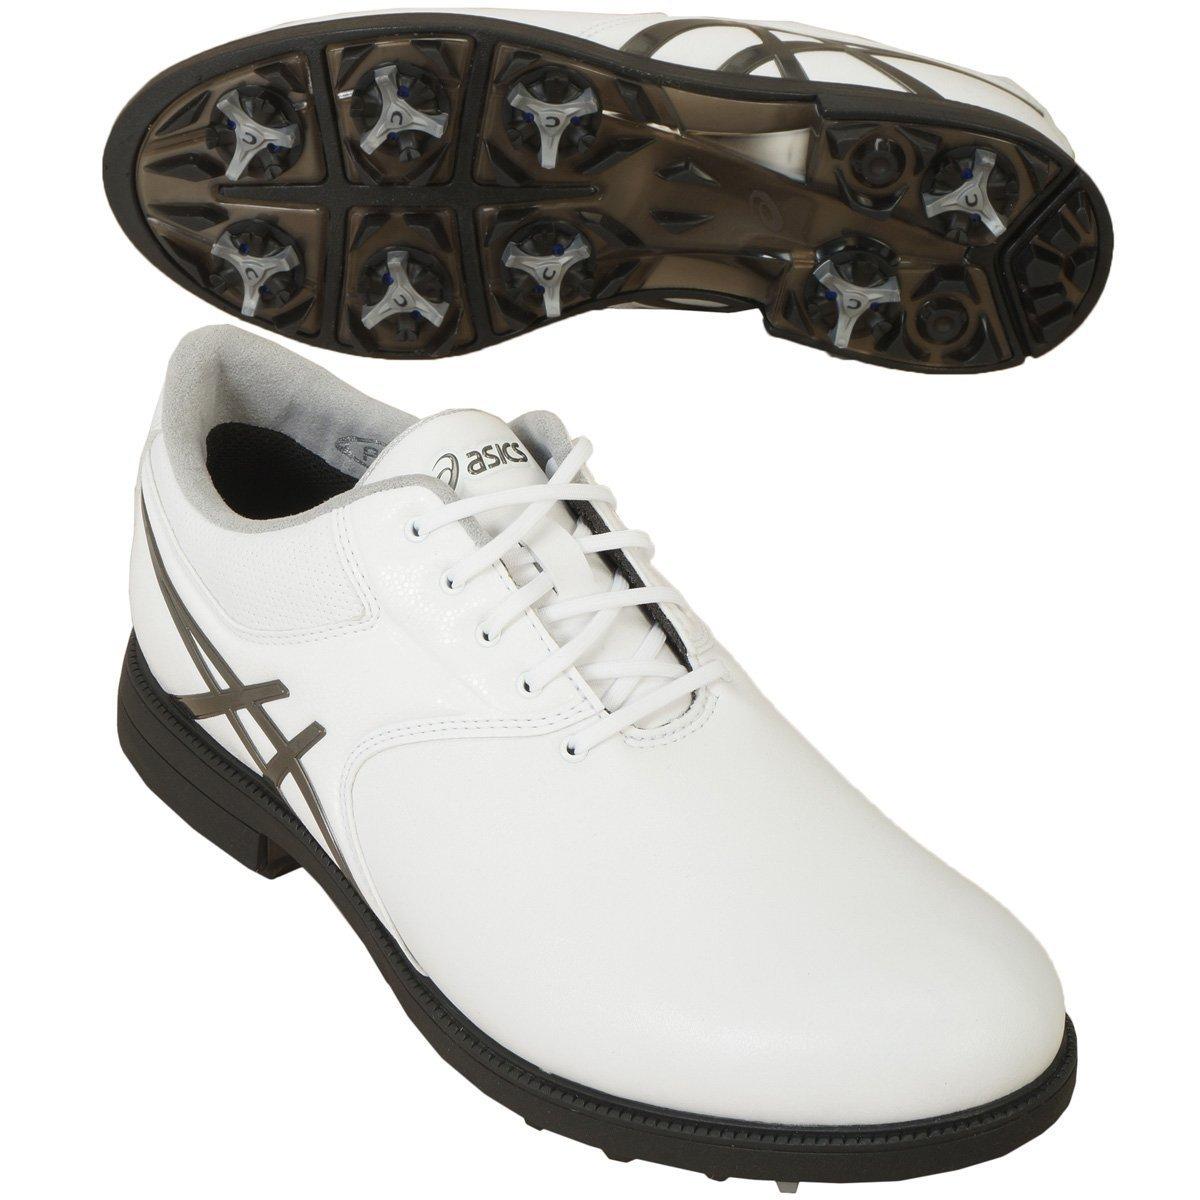 asics(アシックス) ゲルエース レジェンドマスター2 ゴルフシューズ  TGN918 ホワイト/ガンメタル 25.5cm